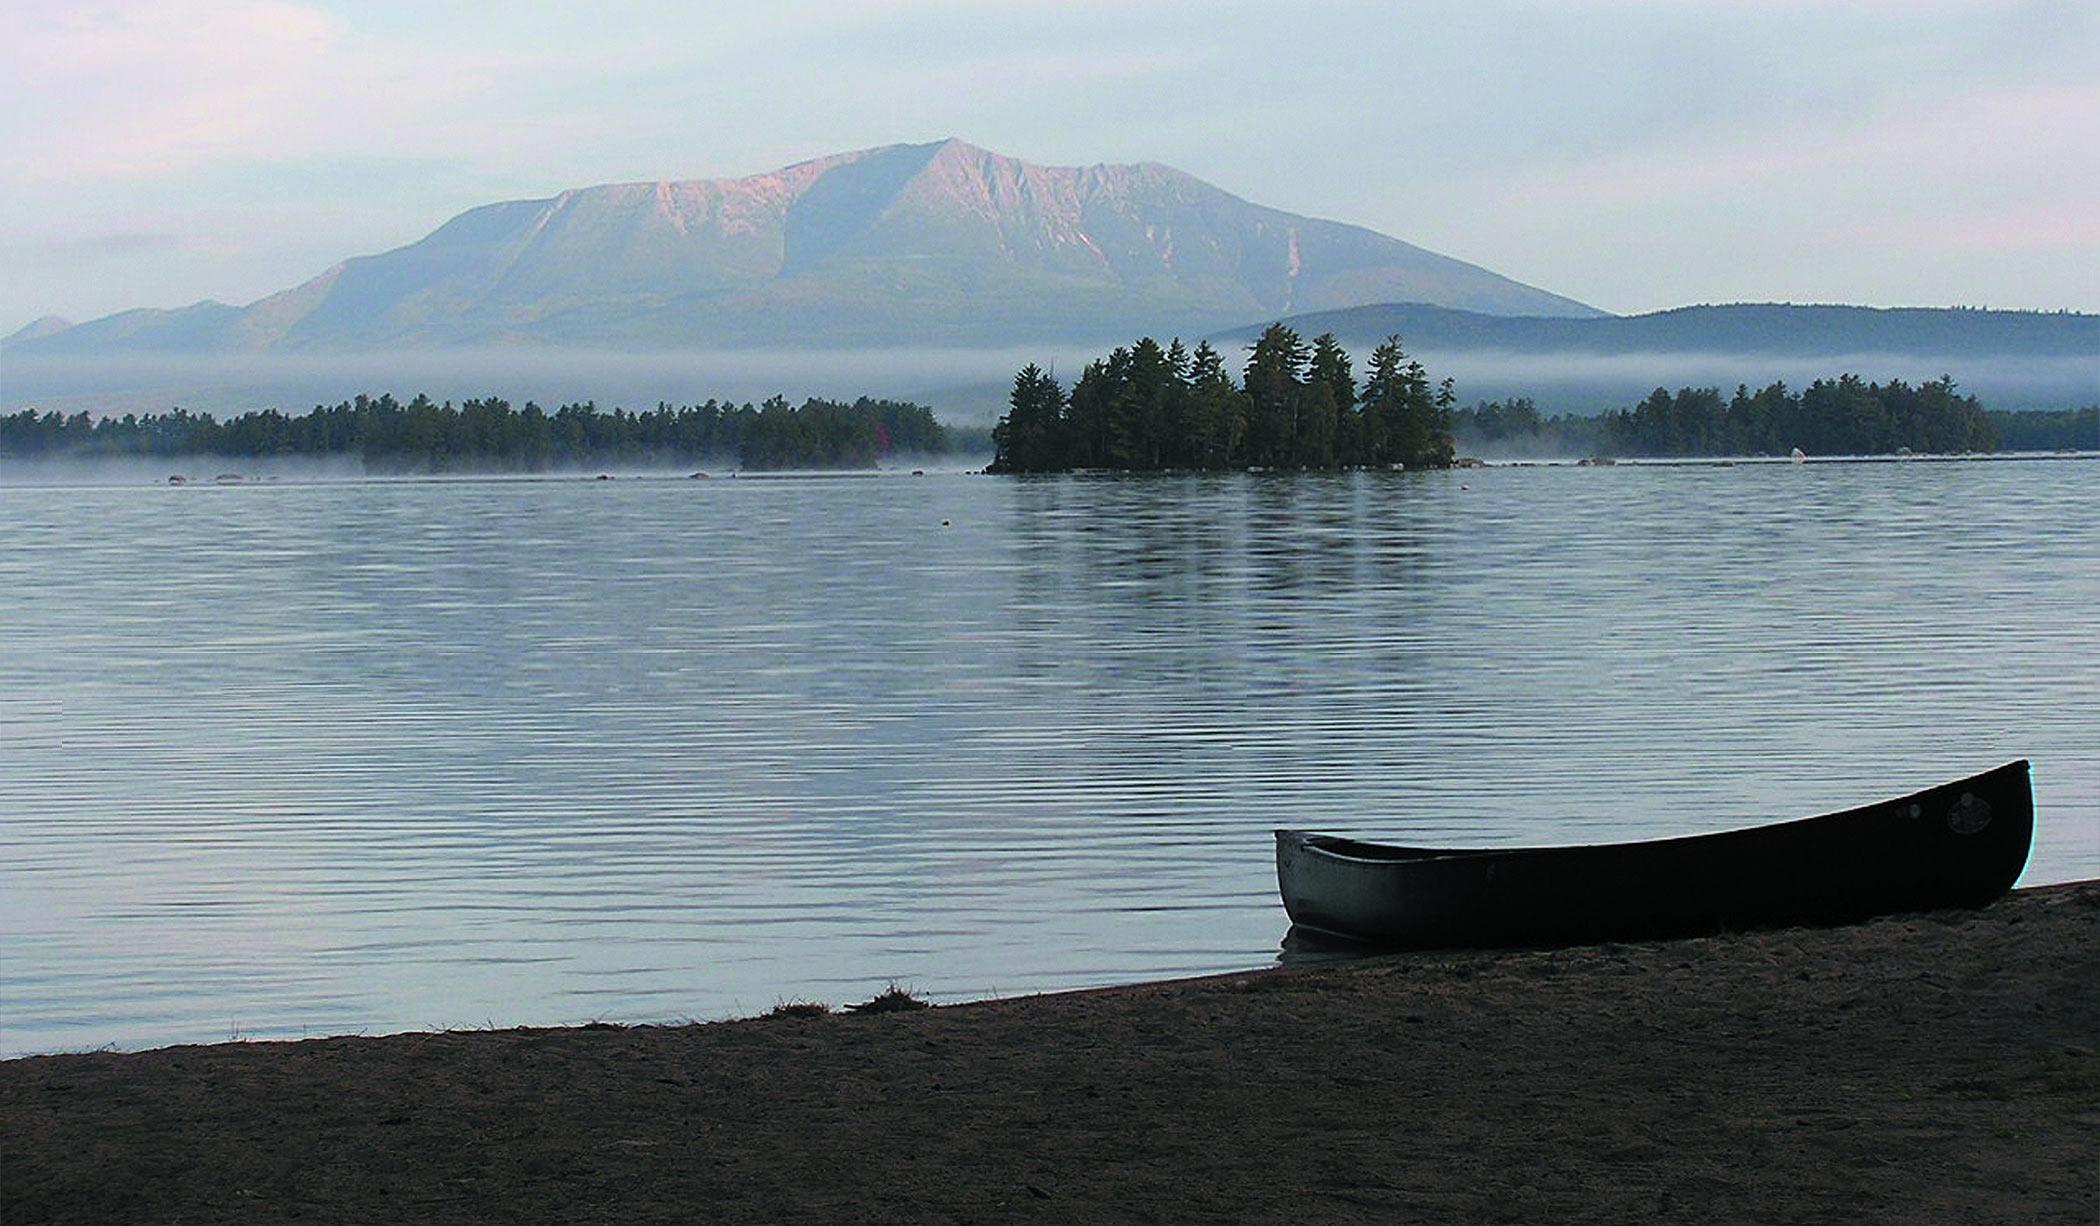 background image of Katahdin